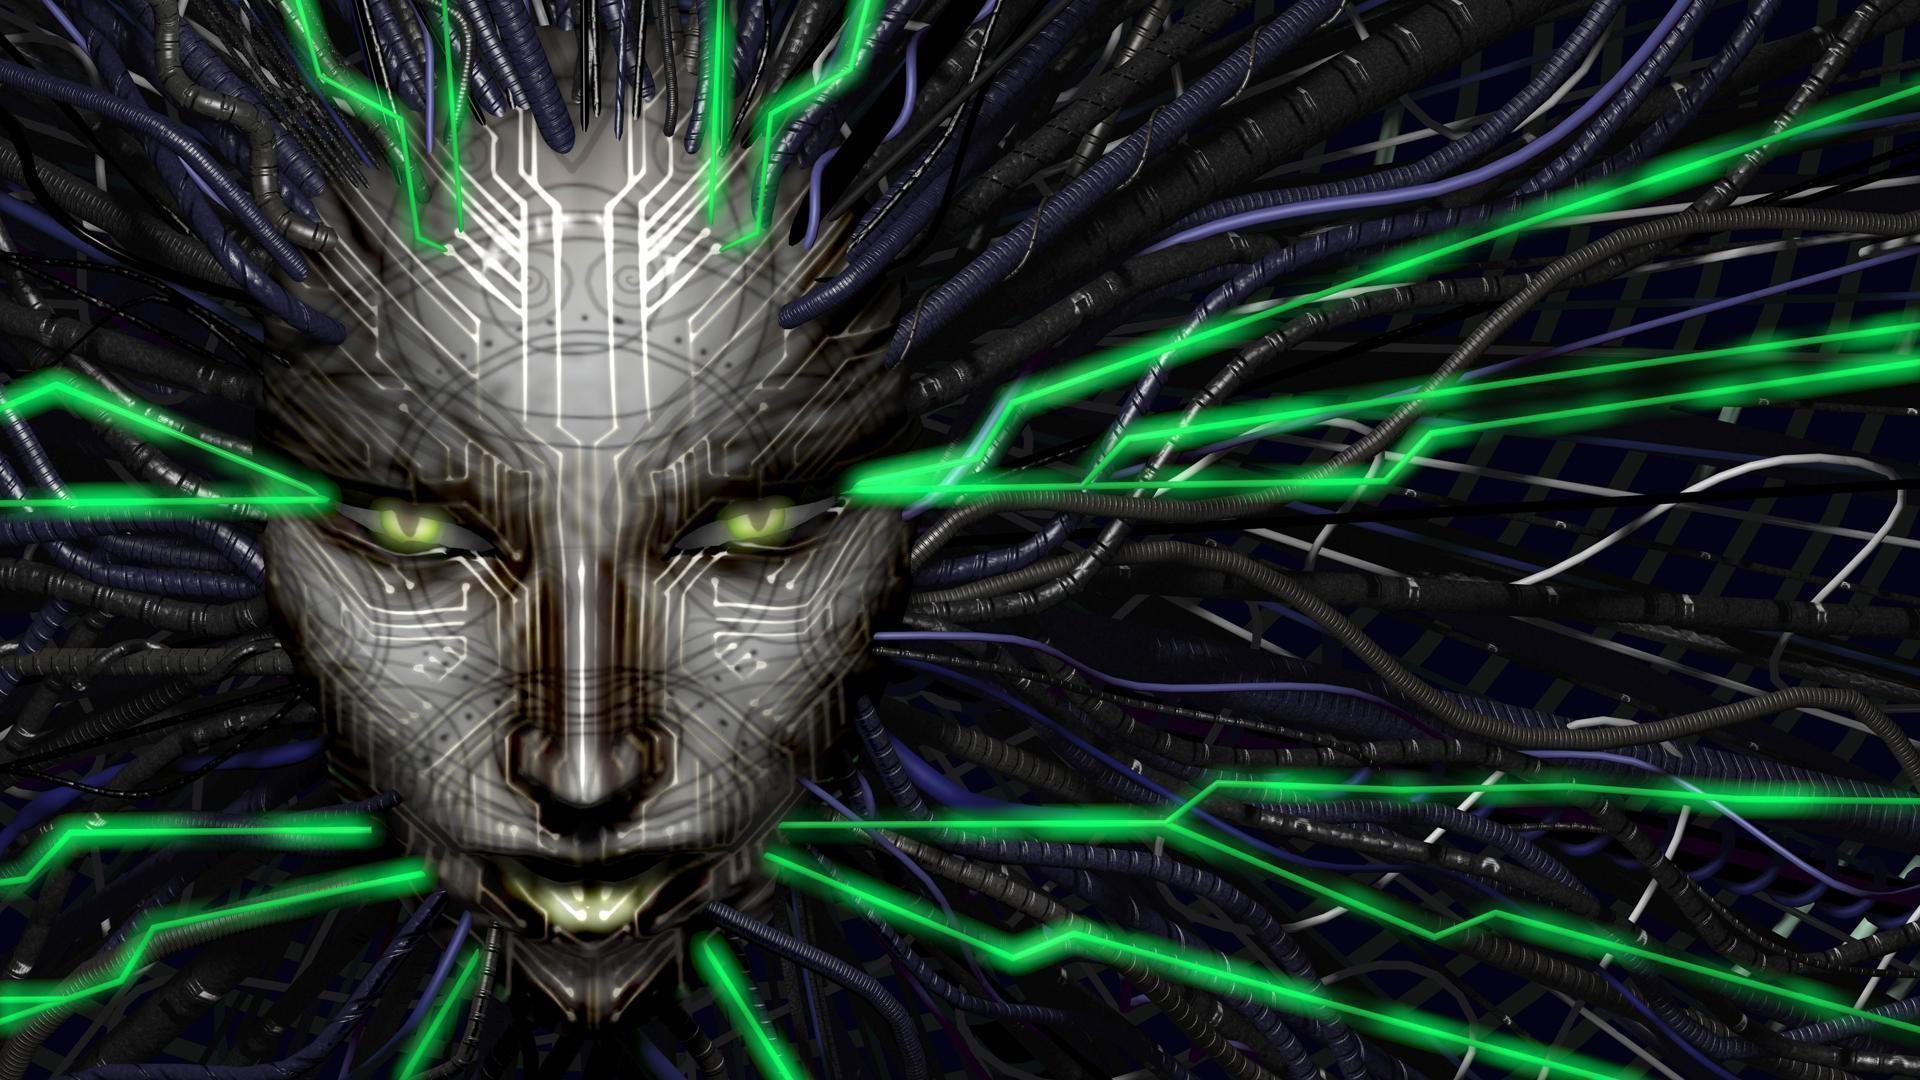 Dark <b>Green Desktop Wallpaper</b> – WallpaperSafari